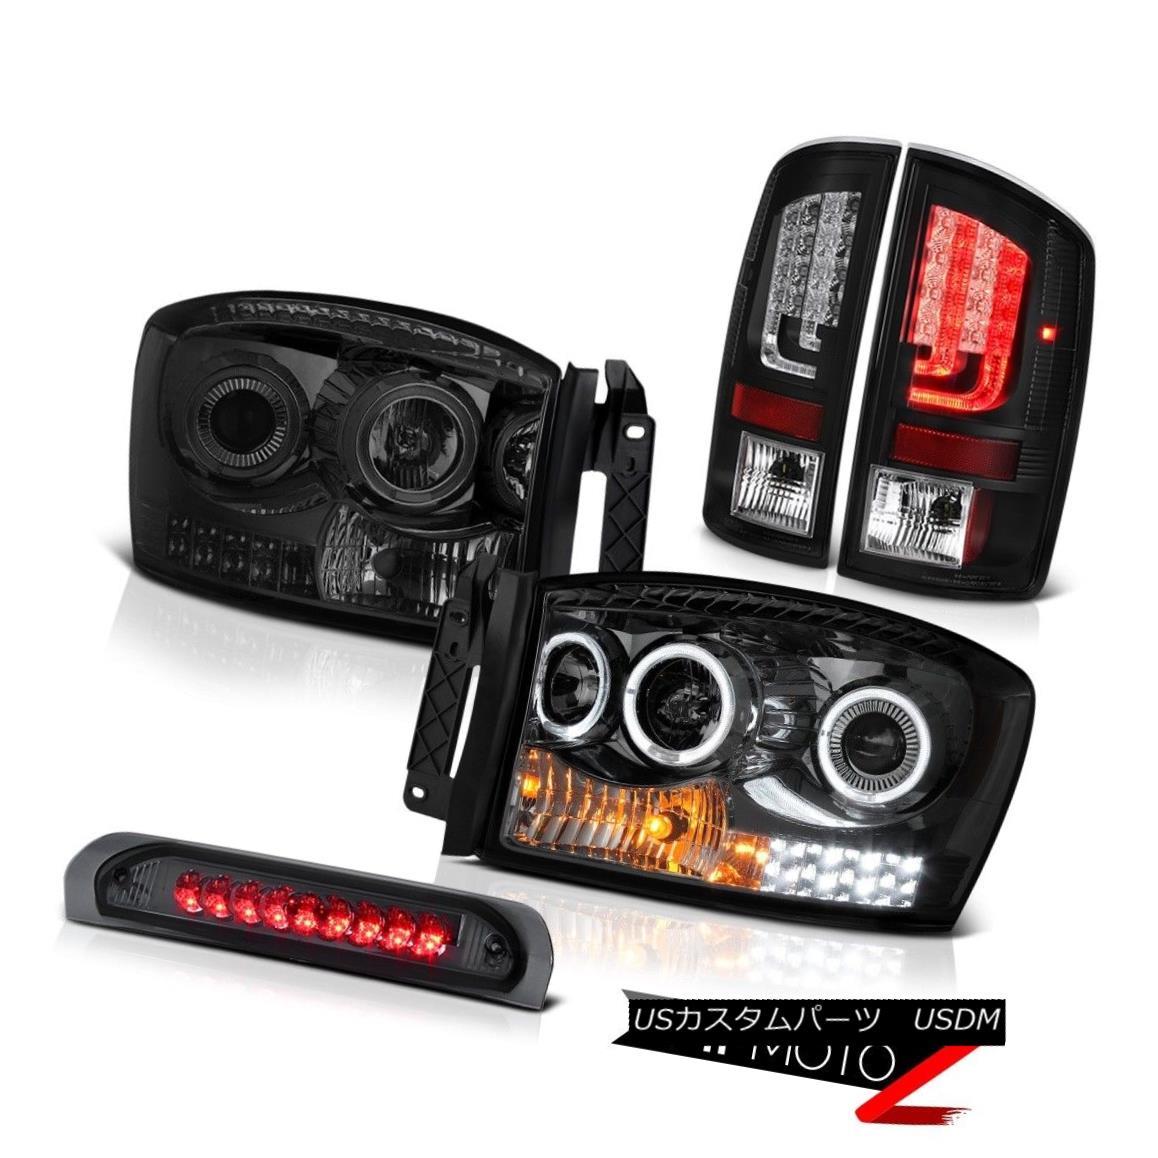 車用品・バイク用品 >> 車用品 >> パーツ >> ライト・ランプ >> テールライト テールライト 2006 Ram SLT Black Taillamps Dark Smoke Headlamps Roof Brake Lamp